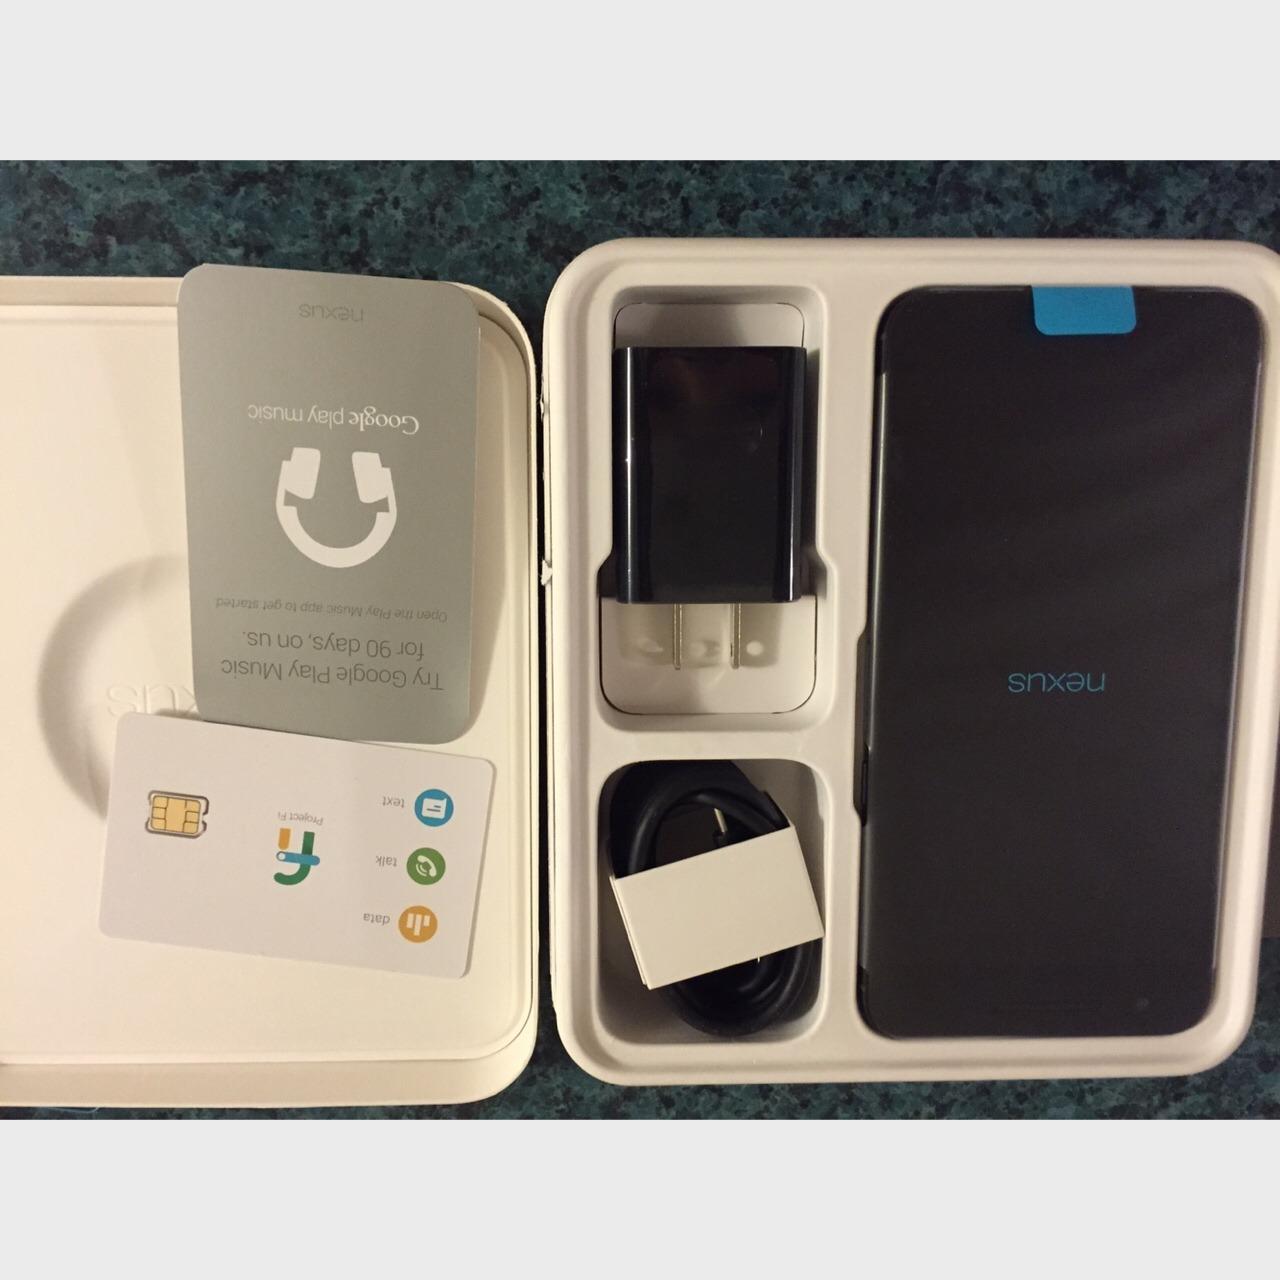 谷歌最新一款的安卓手机由华为负责制造_价格_怎么样_GoogleNexus 6P_GoogleProject Fi_数码男人_美国买什么-小红书